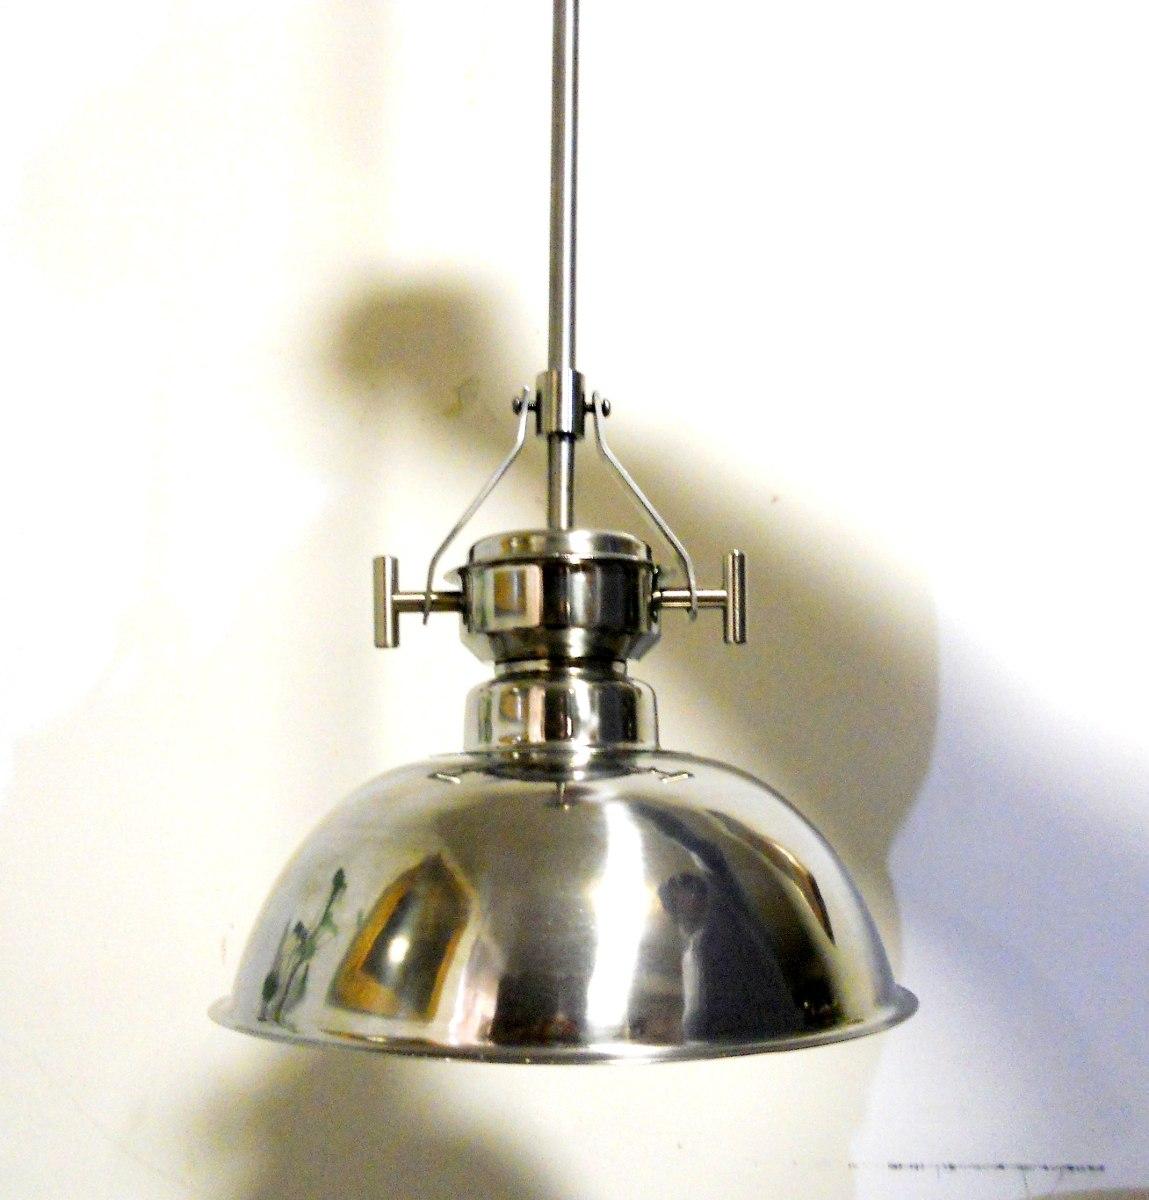 L mpara industrial colgante dise o vintage antigua 1 en mercado libre - Lampara industrial vintage ...